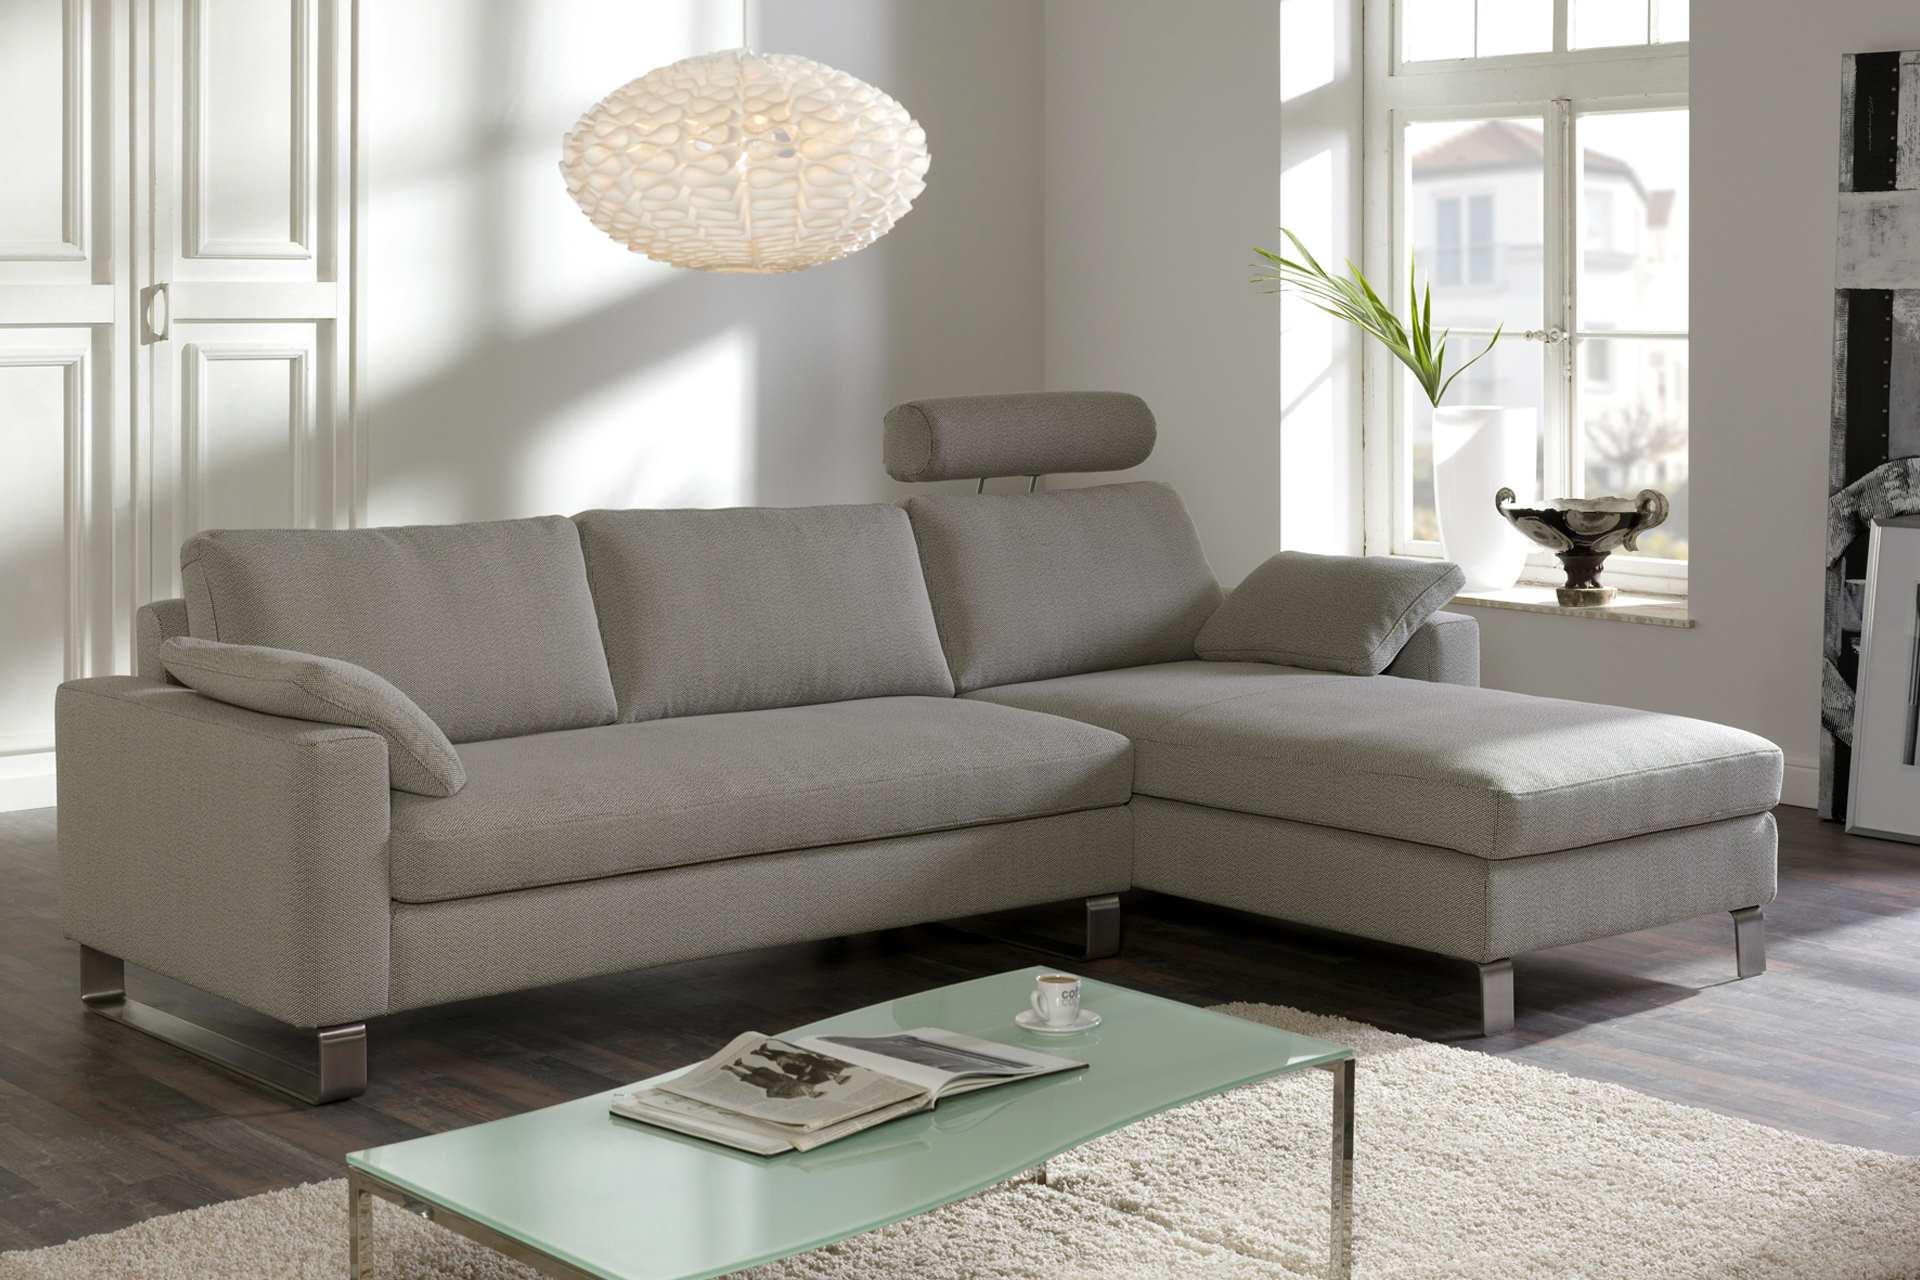 ecksofa sirio mit recamiere wohnopposition berlin. Black Bedroom Furniture Sets. Home Design Ideas